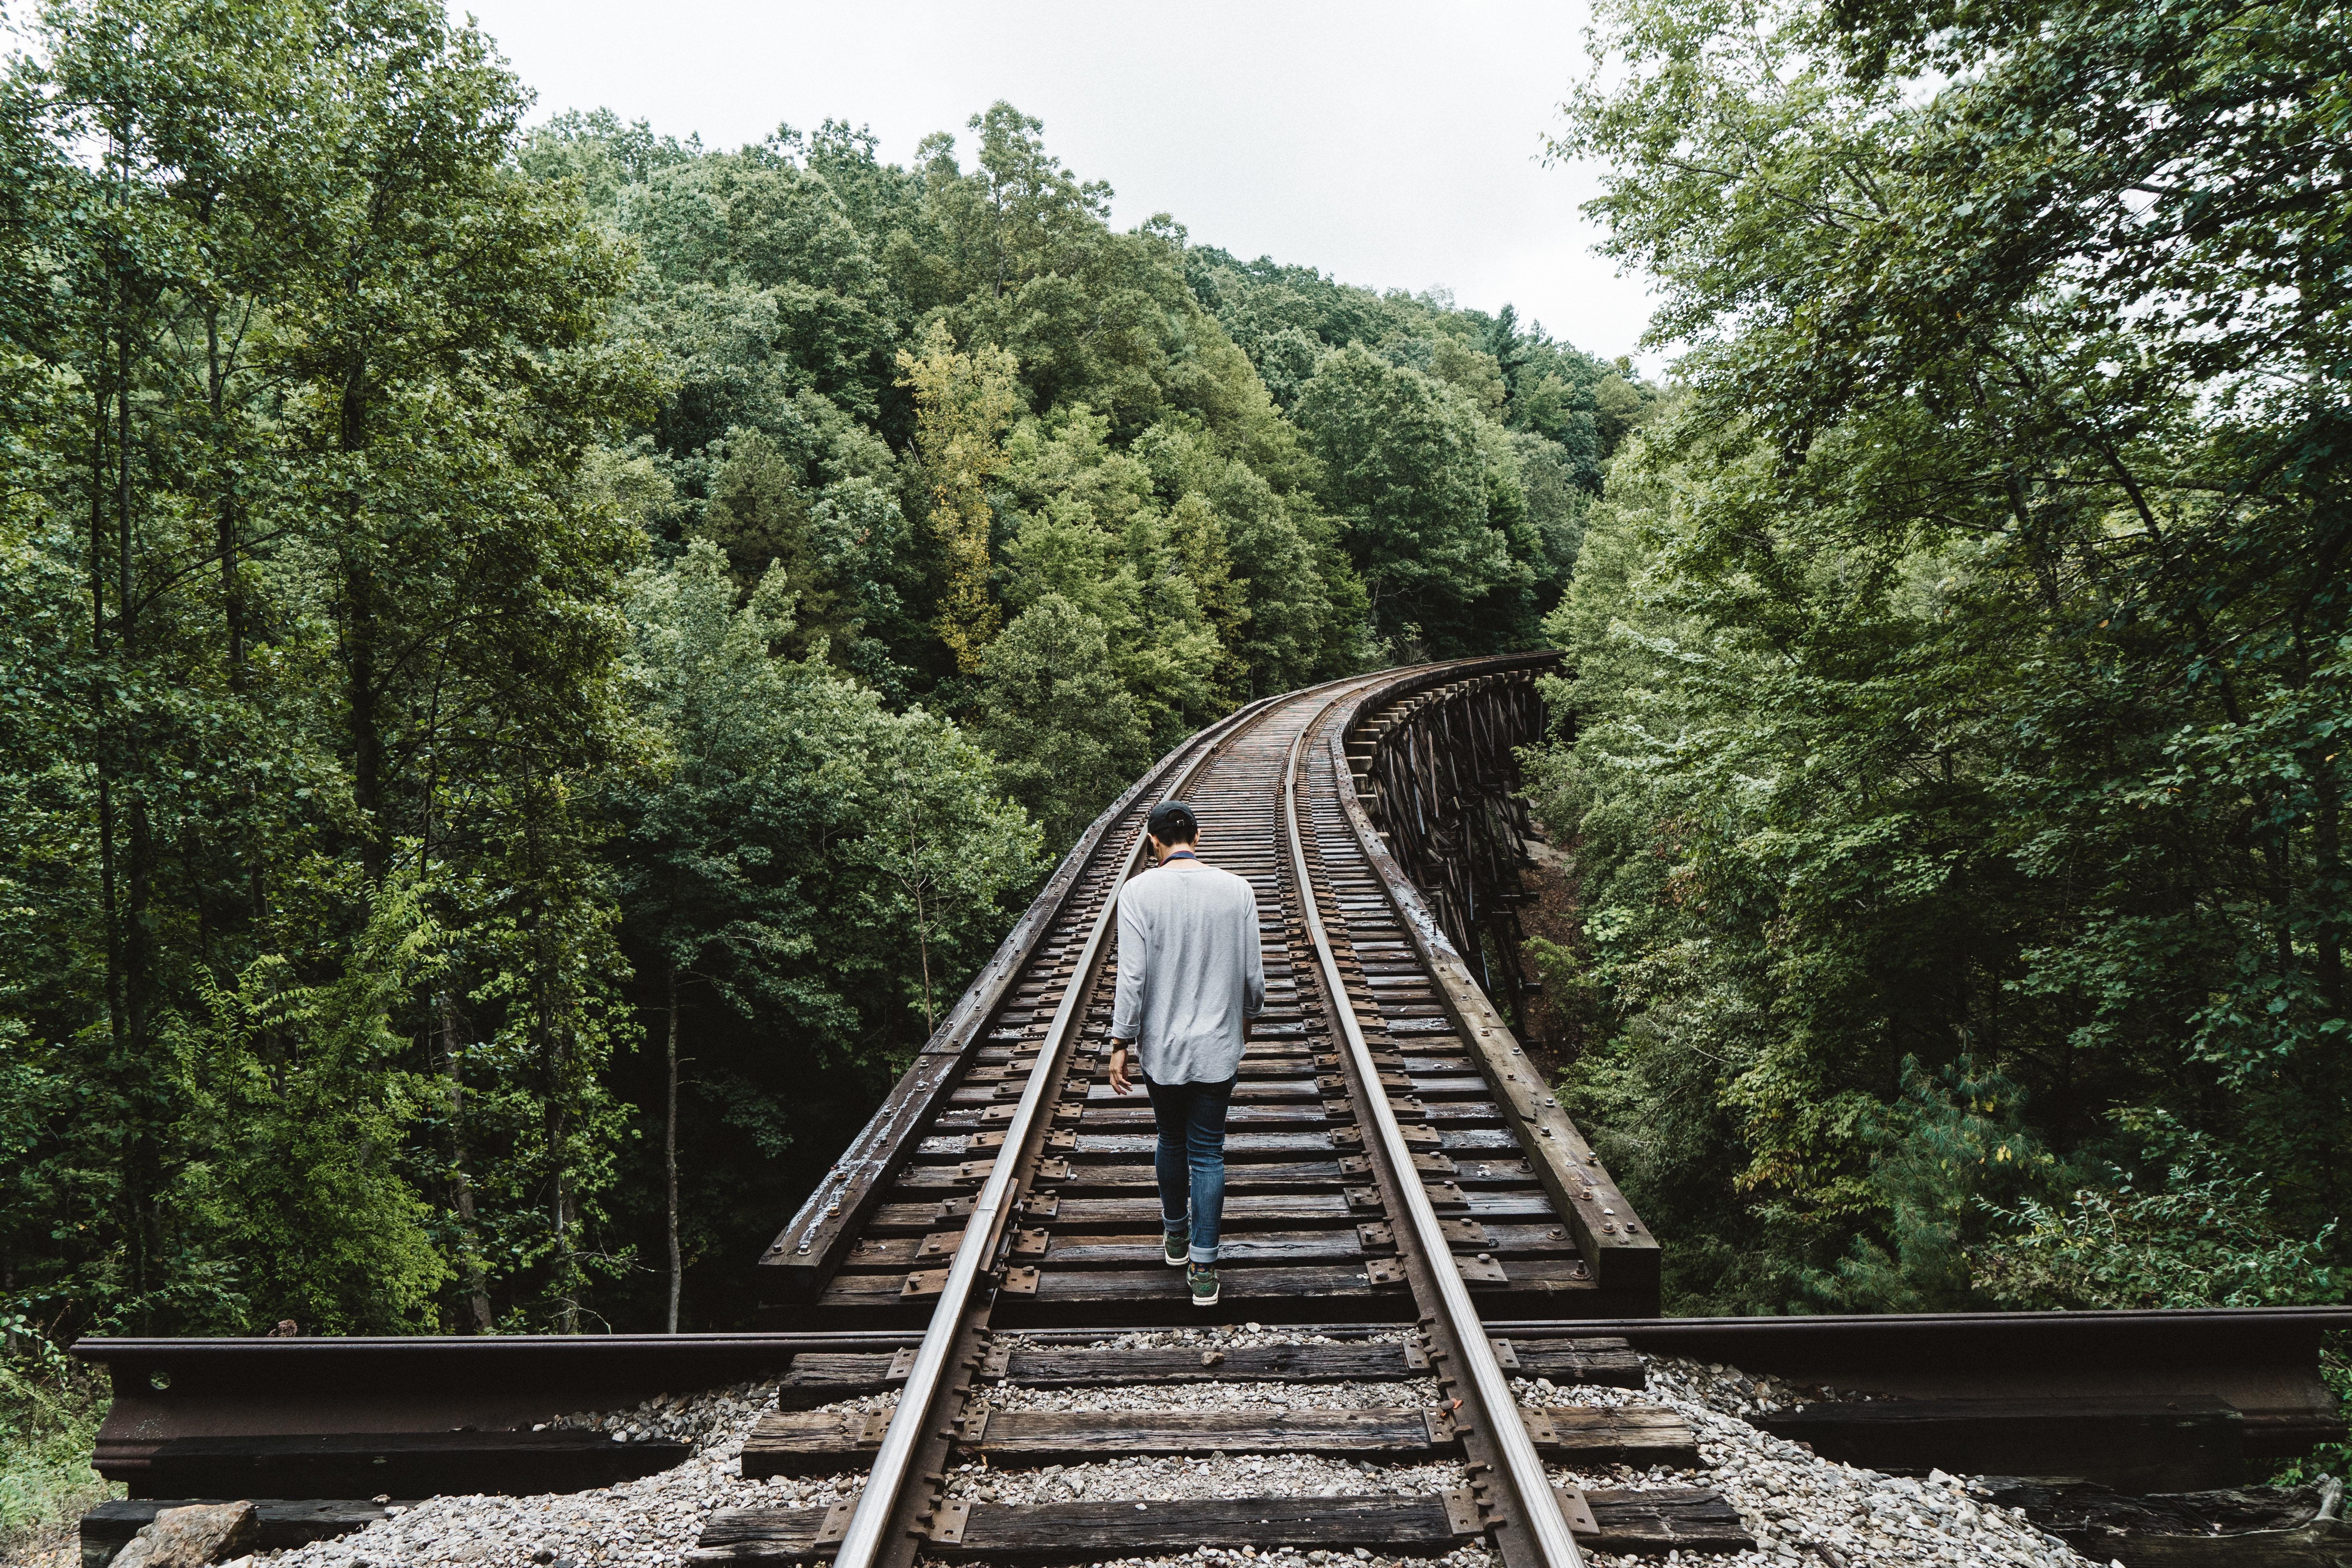 голод дает картинки поездов уходящих в путь одно застолье меня